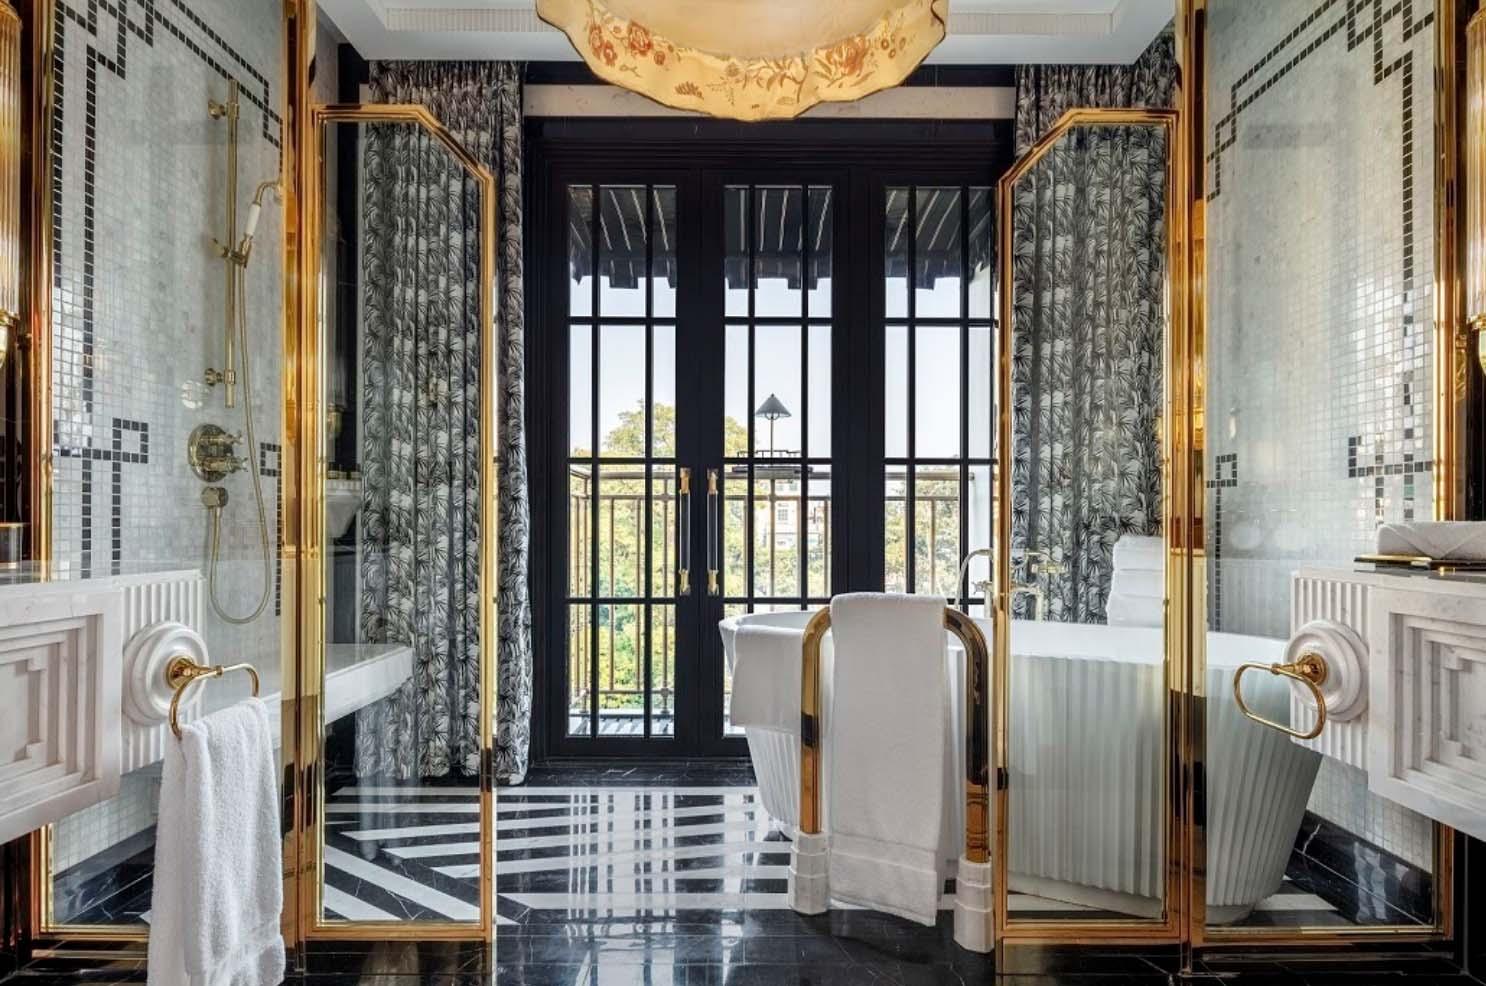 Tạp chí danh tiếng Mỹ gợi ý 2 khách sạn Việt Nam lọt top điểm đến tuyệt vời nhất thế giới 2021 - Ảnh 5.